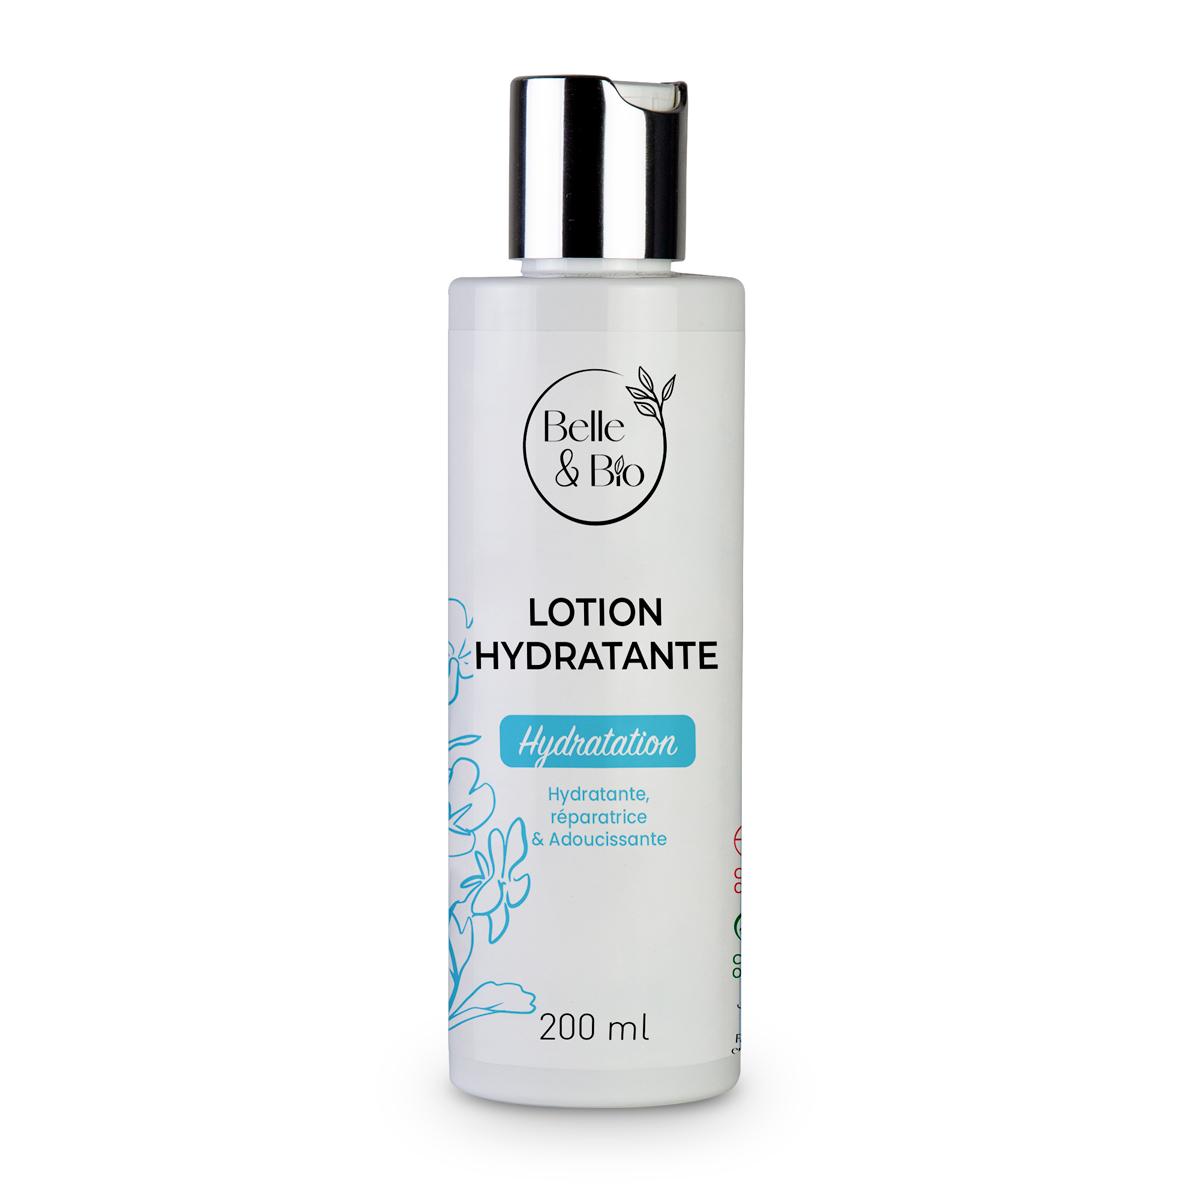 Belle & Bio - Lotion Hydratante - Soin fraîcheur - 100 ml - Certifié Cosmos pa